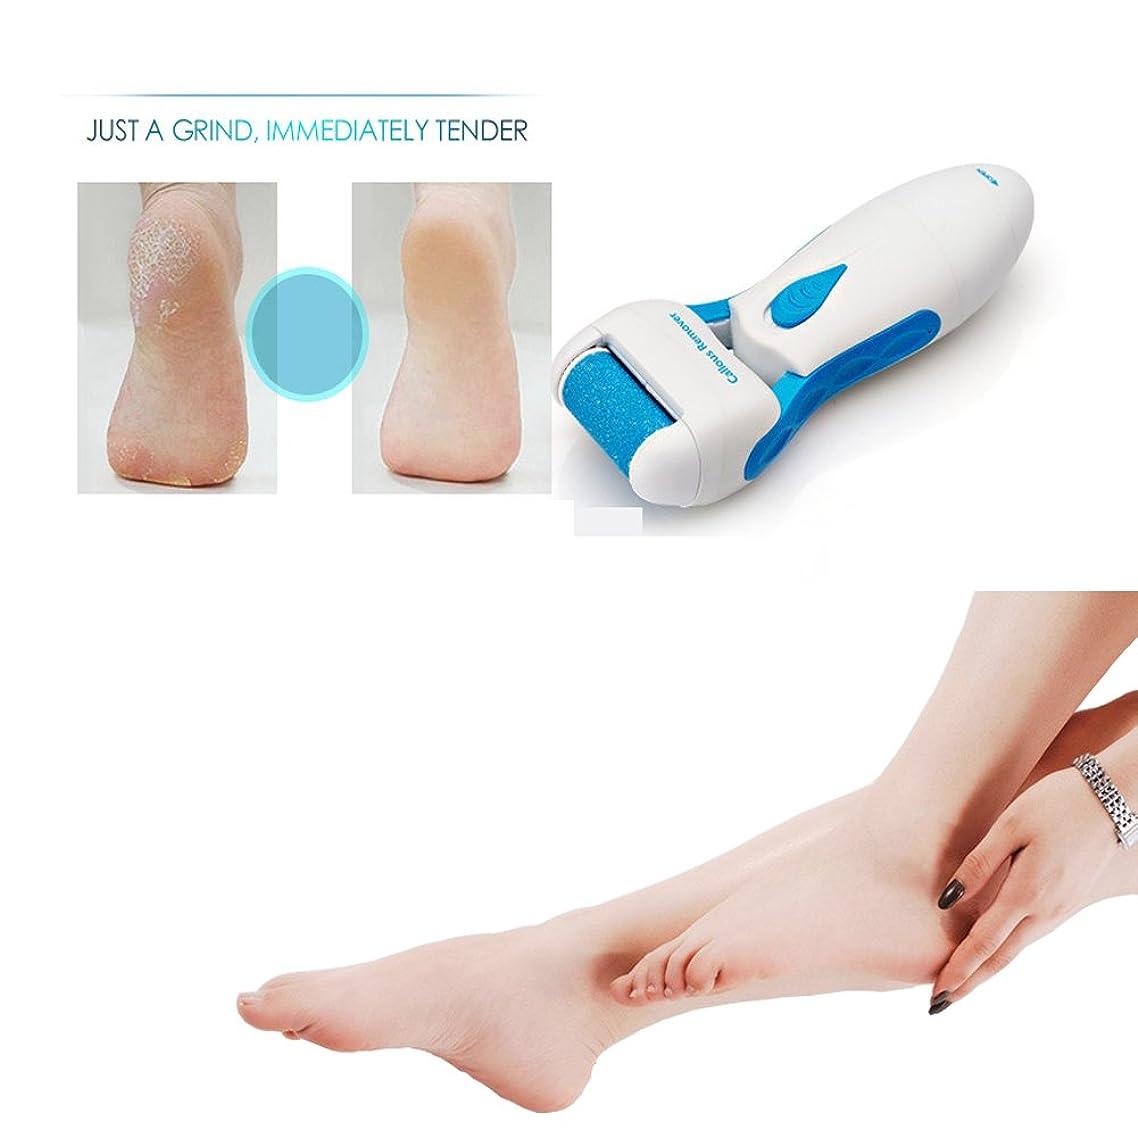 モールス信号ホイッスル慣れるElectric Callus Remover, Waterproof Foot File Pedicure Tool to Remove Dead, Hard, Cracked Skin and Reduce Calluses on Feet in Seconds, Cleaning Brush and Replacement Roller Included (Blue)